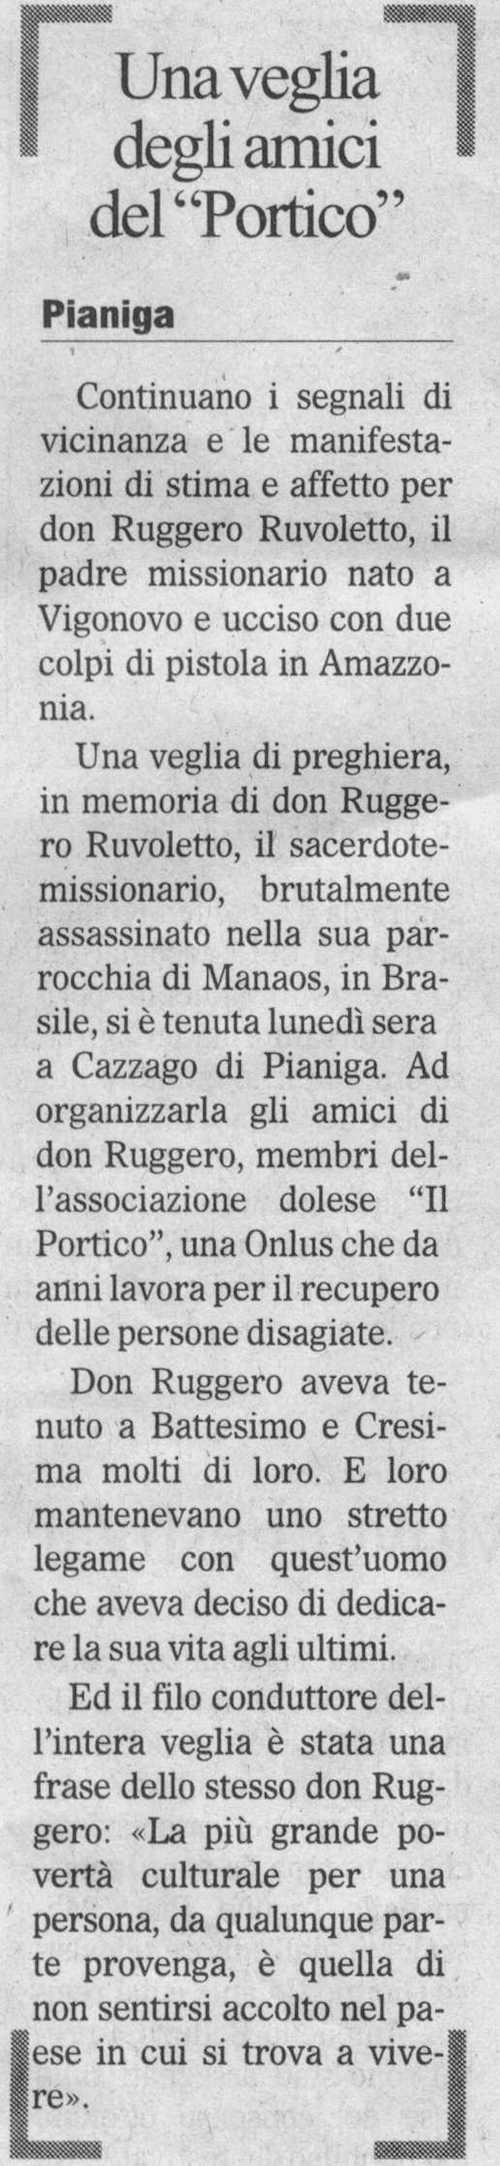 2009.09.23 Il Gazzettino (p. )